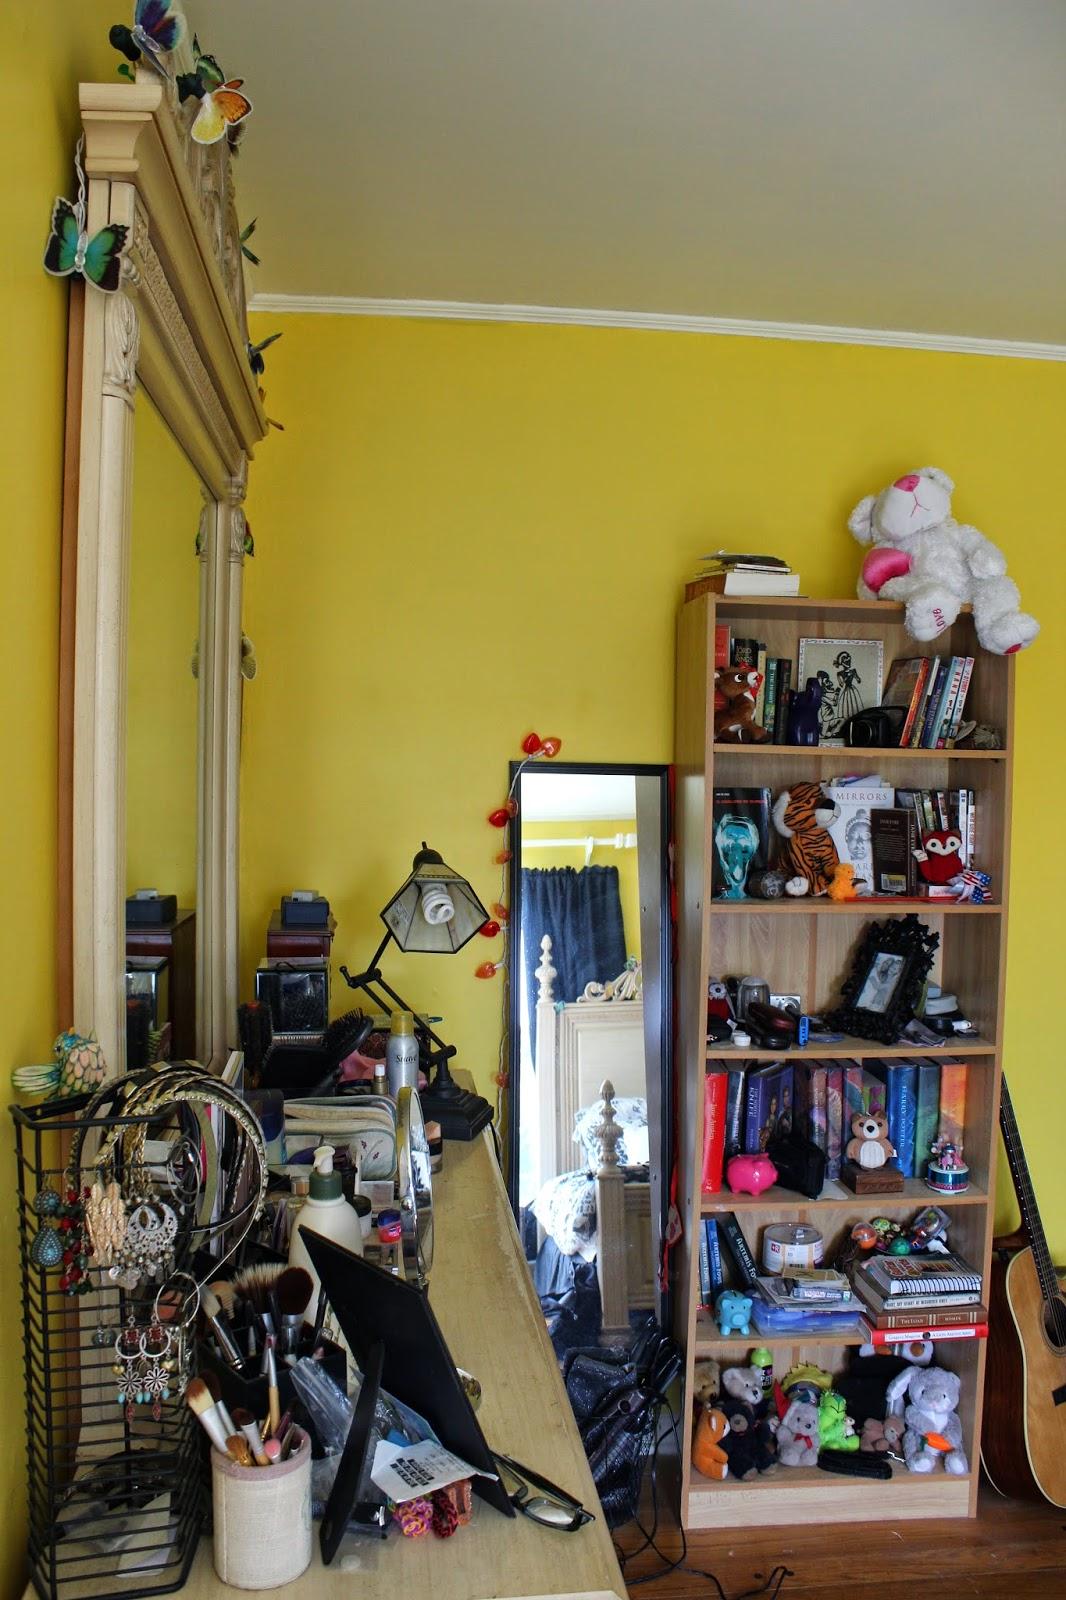 Perla sancheza my room decor las decoraci nes de mi for Decoraciones para mi cuarto